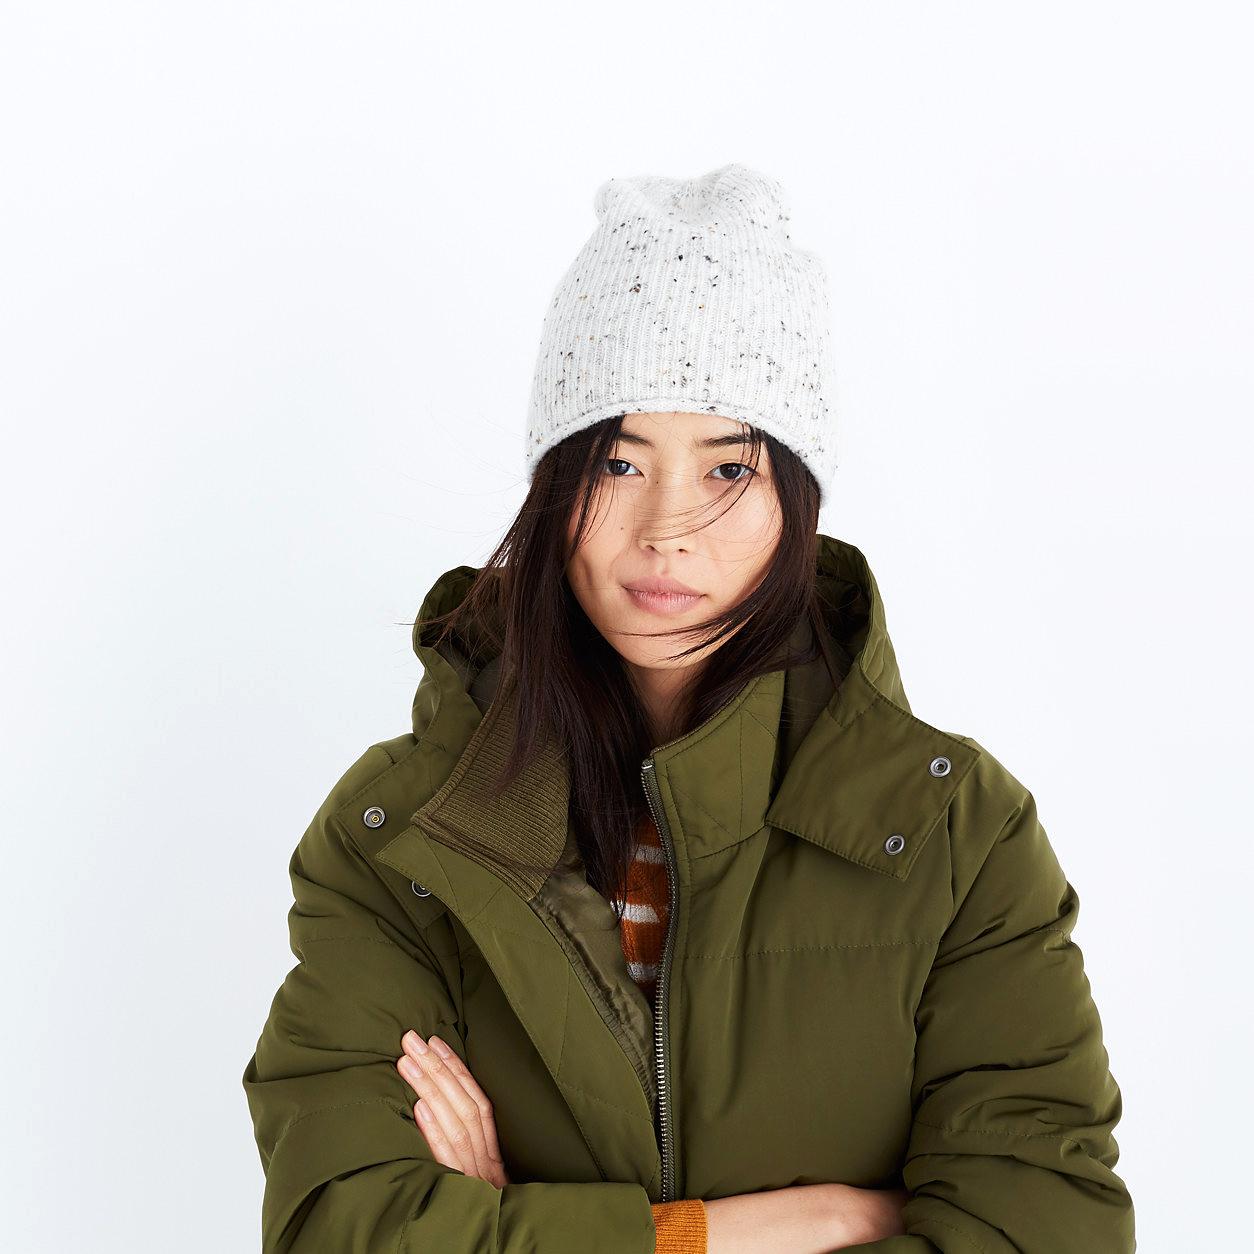 beanie green coat